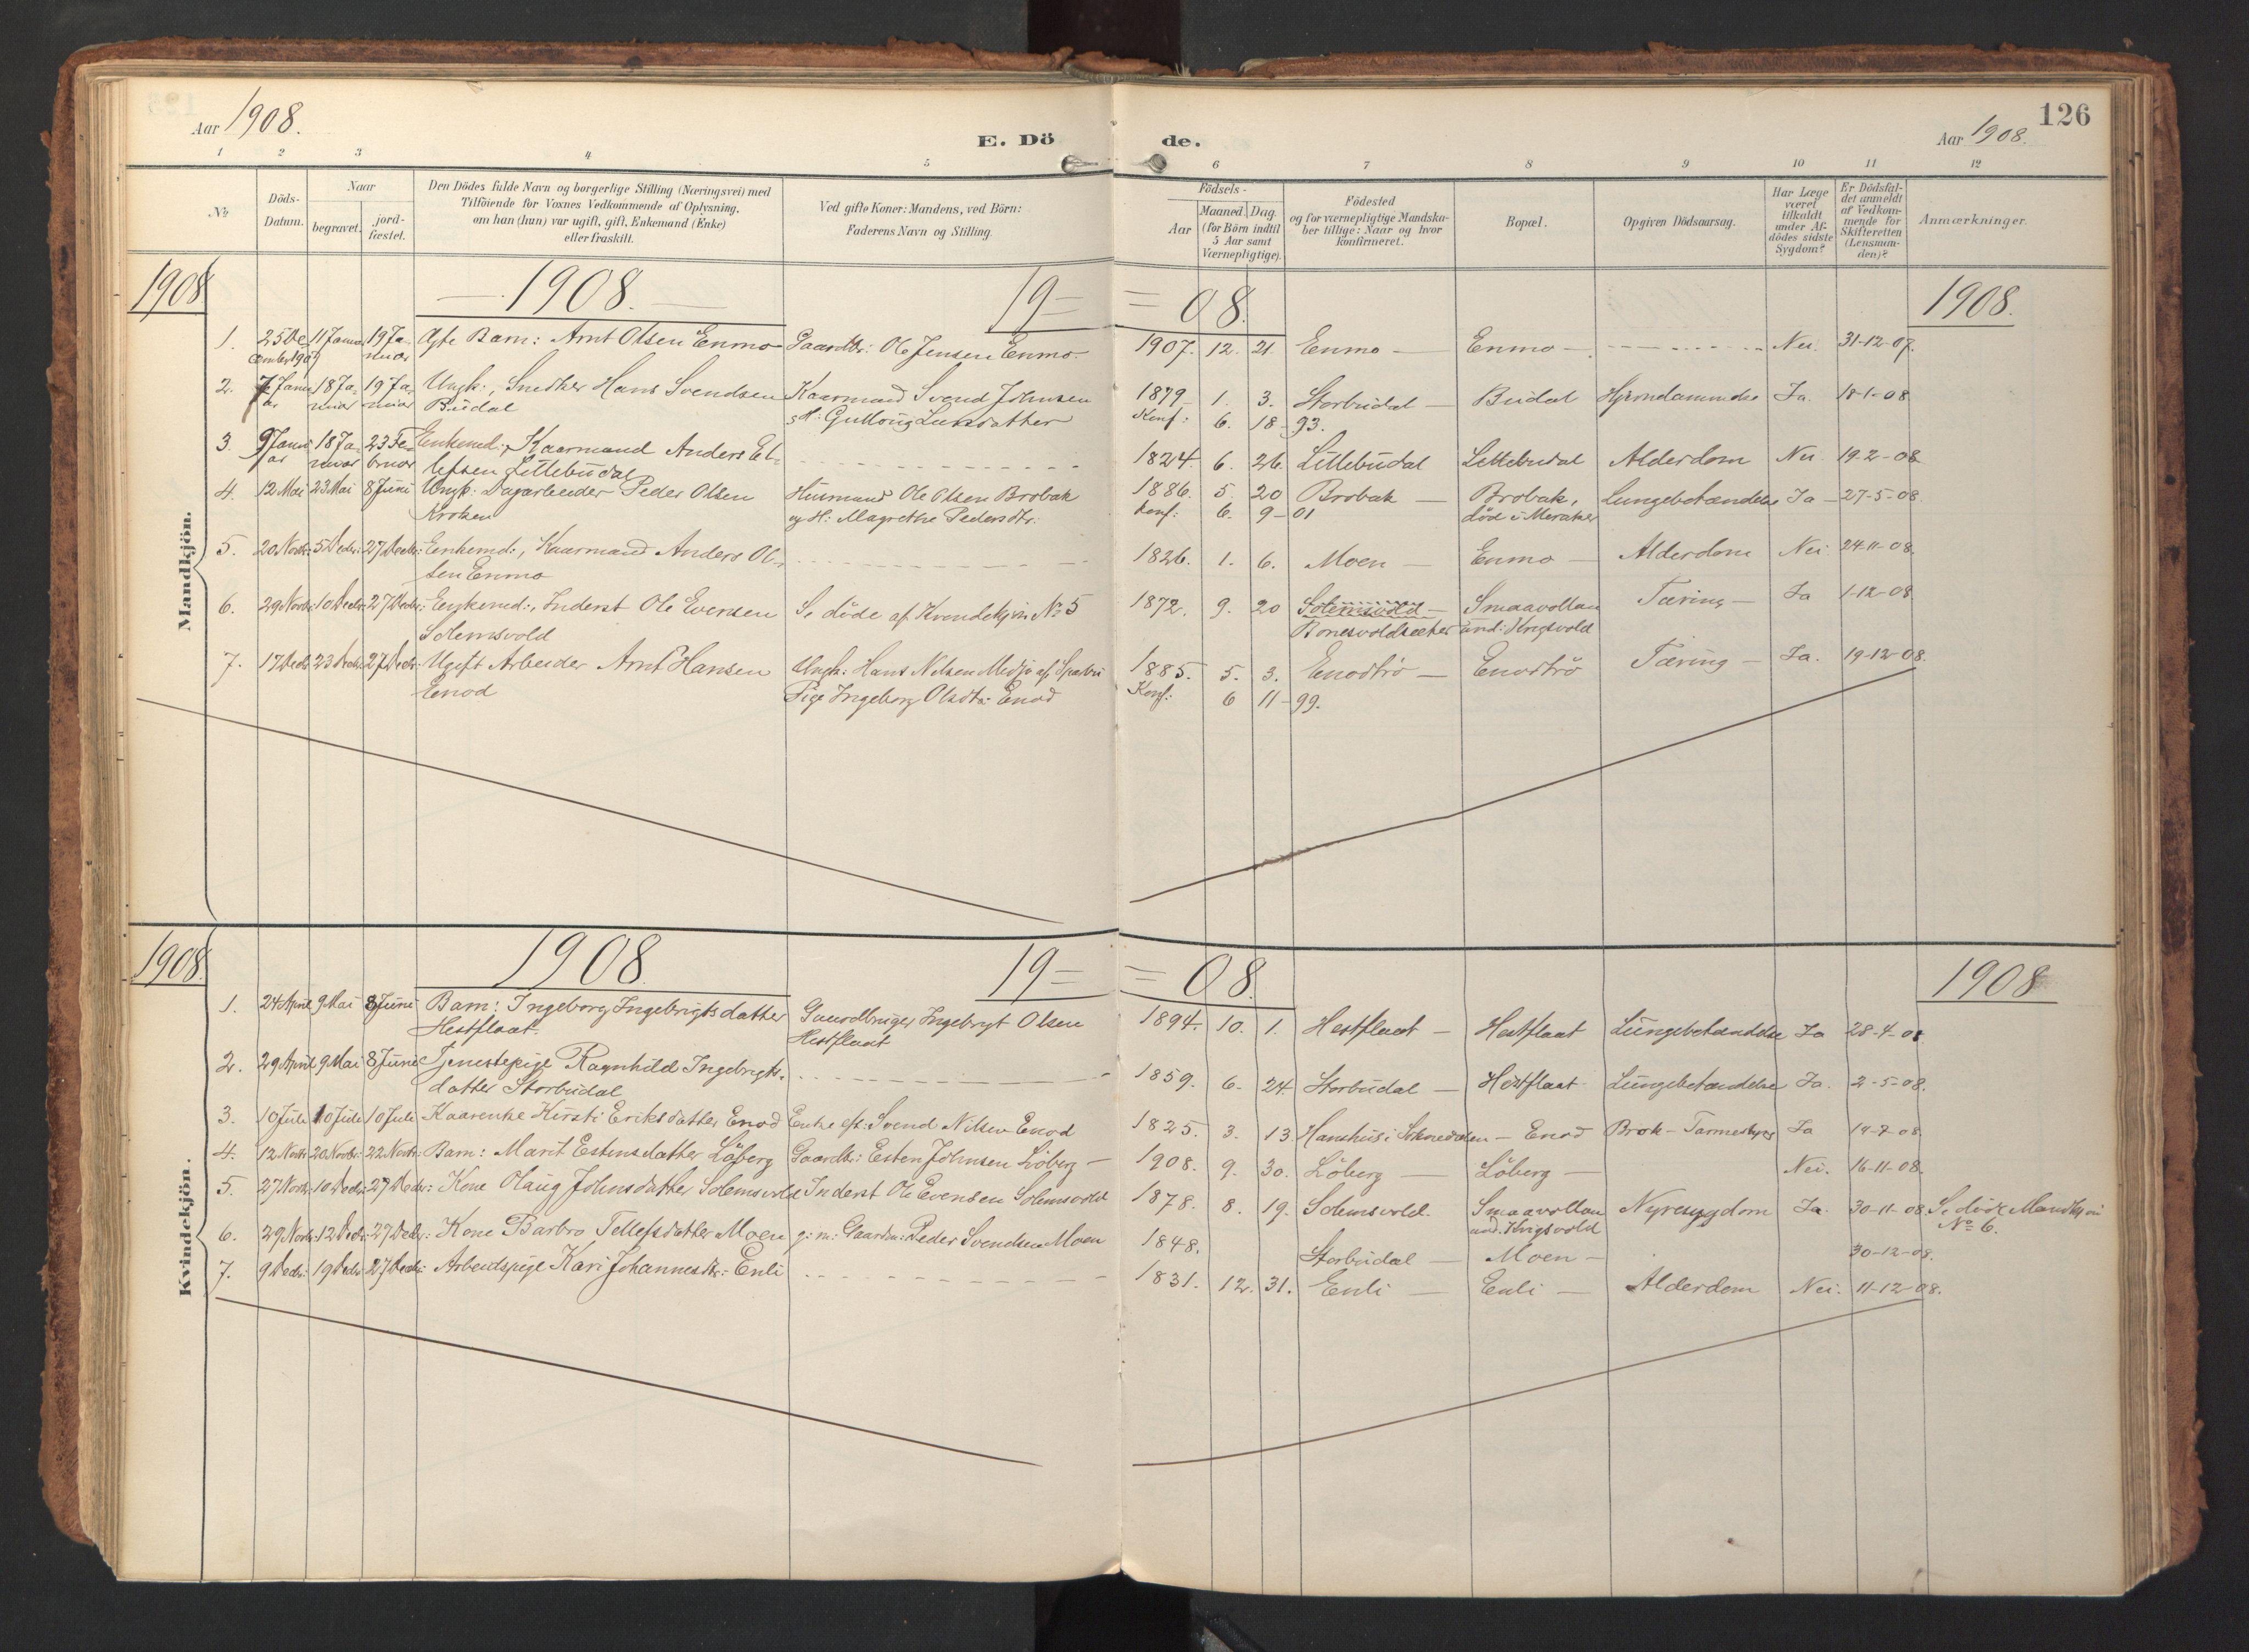 SAT, Ministerialprotokoller, klokkerbøker og fødselsregistre - Sør-Trøndelag, 690/L1050: Ministerialbok nr. 690A01, 1889-1929, s. 126